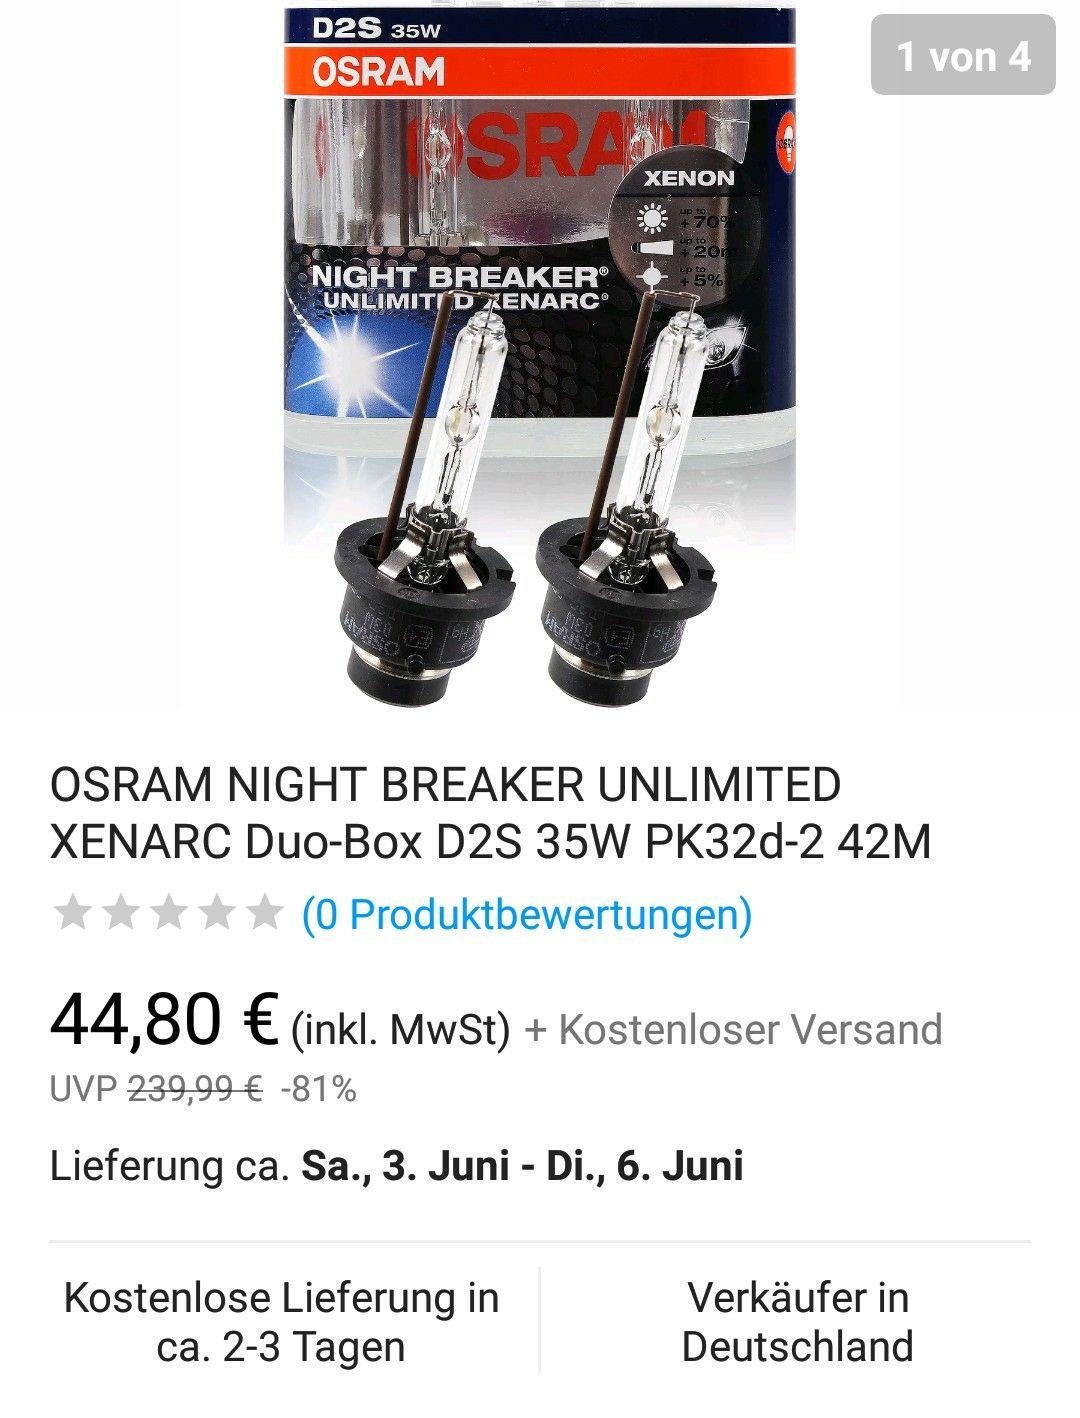 OSRAM NIGHT BREAKER UNLIMITED XENARC Duo-Box D2S 35W PK32d-2 @ Bestpreis